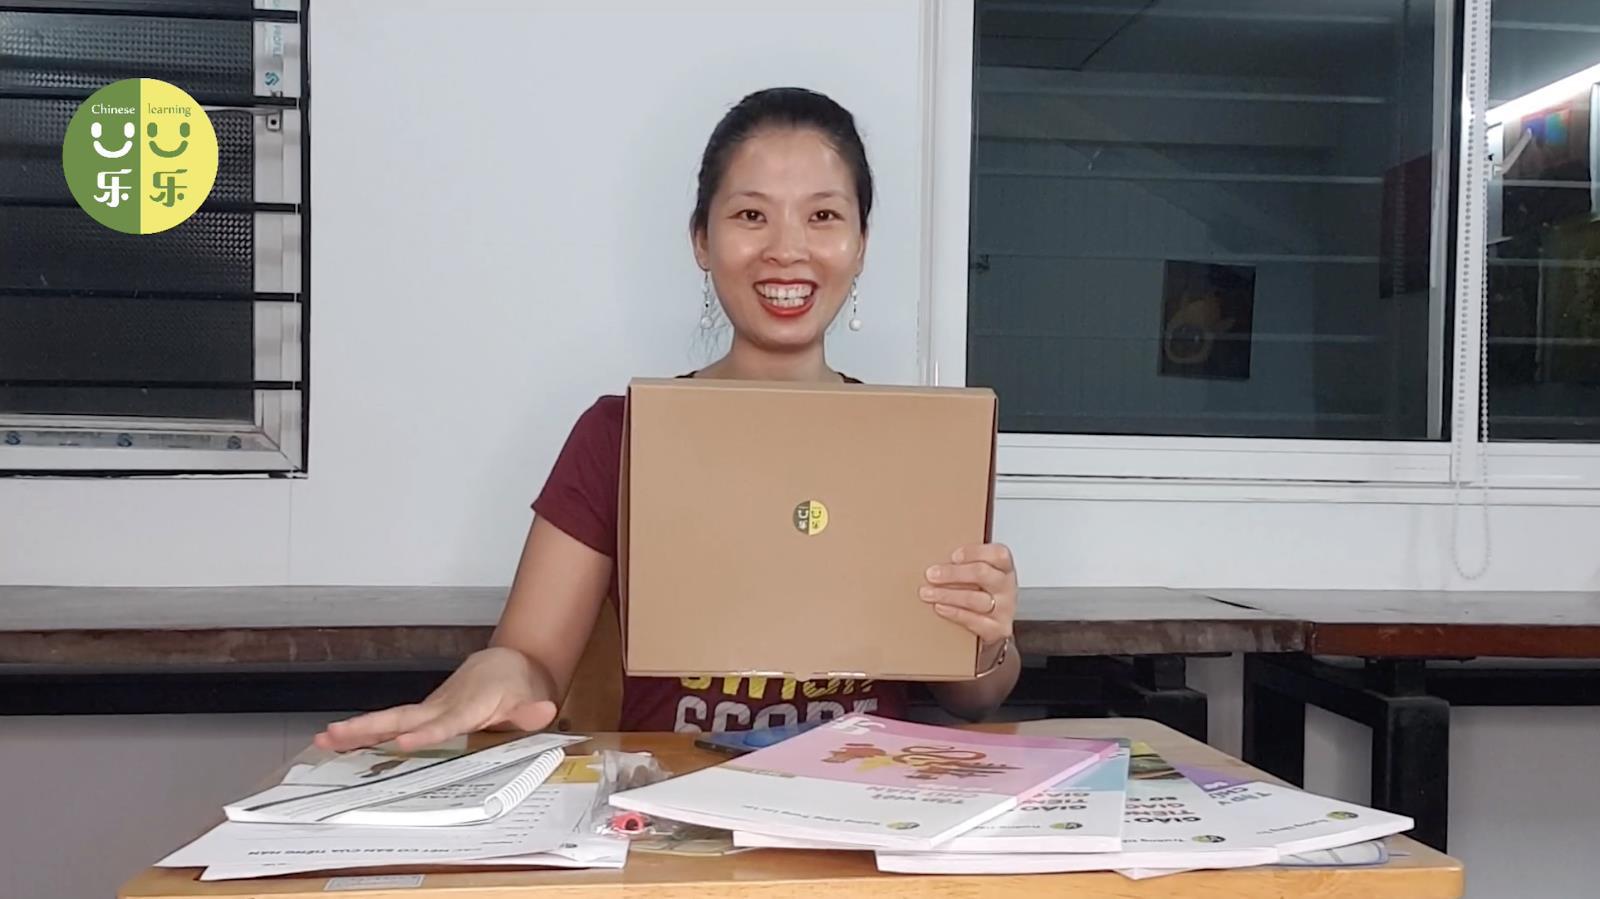 Bí quyết học tiếng Trung hiệu quả của cô giáo 20 năm dạy trường Chuyên Ngoại Ngữ - Ảnh 2.